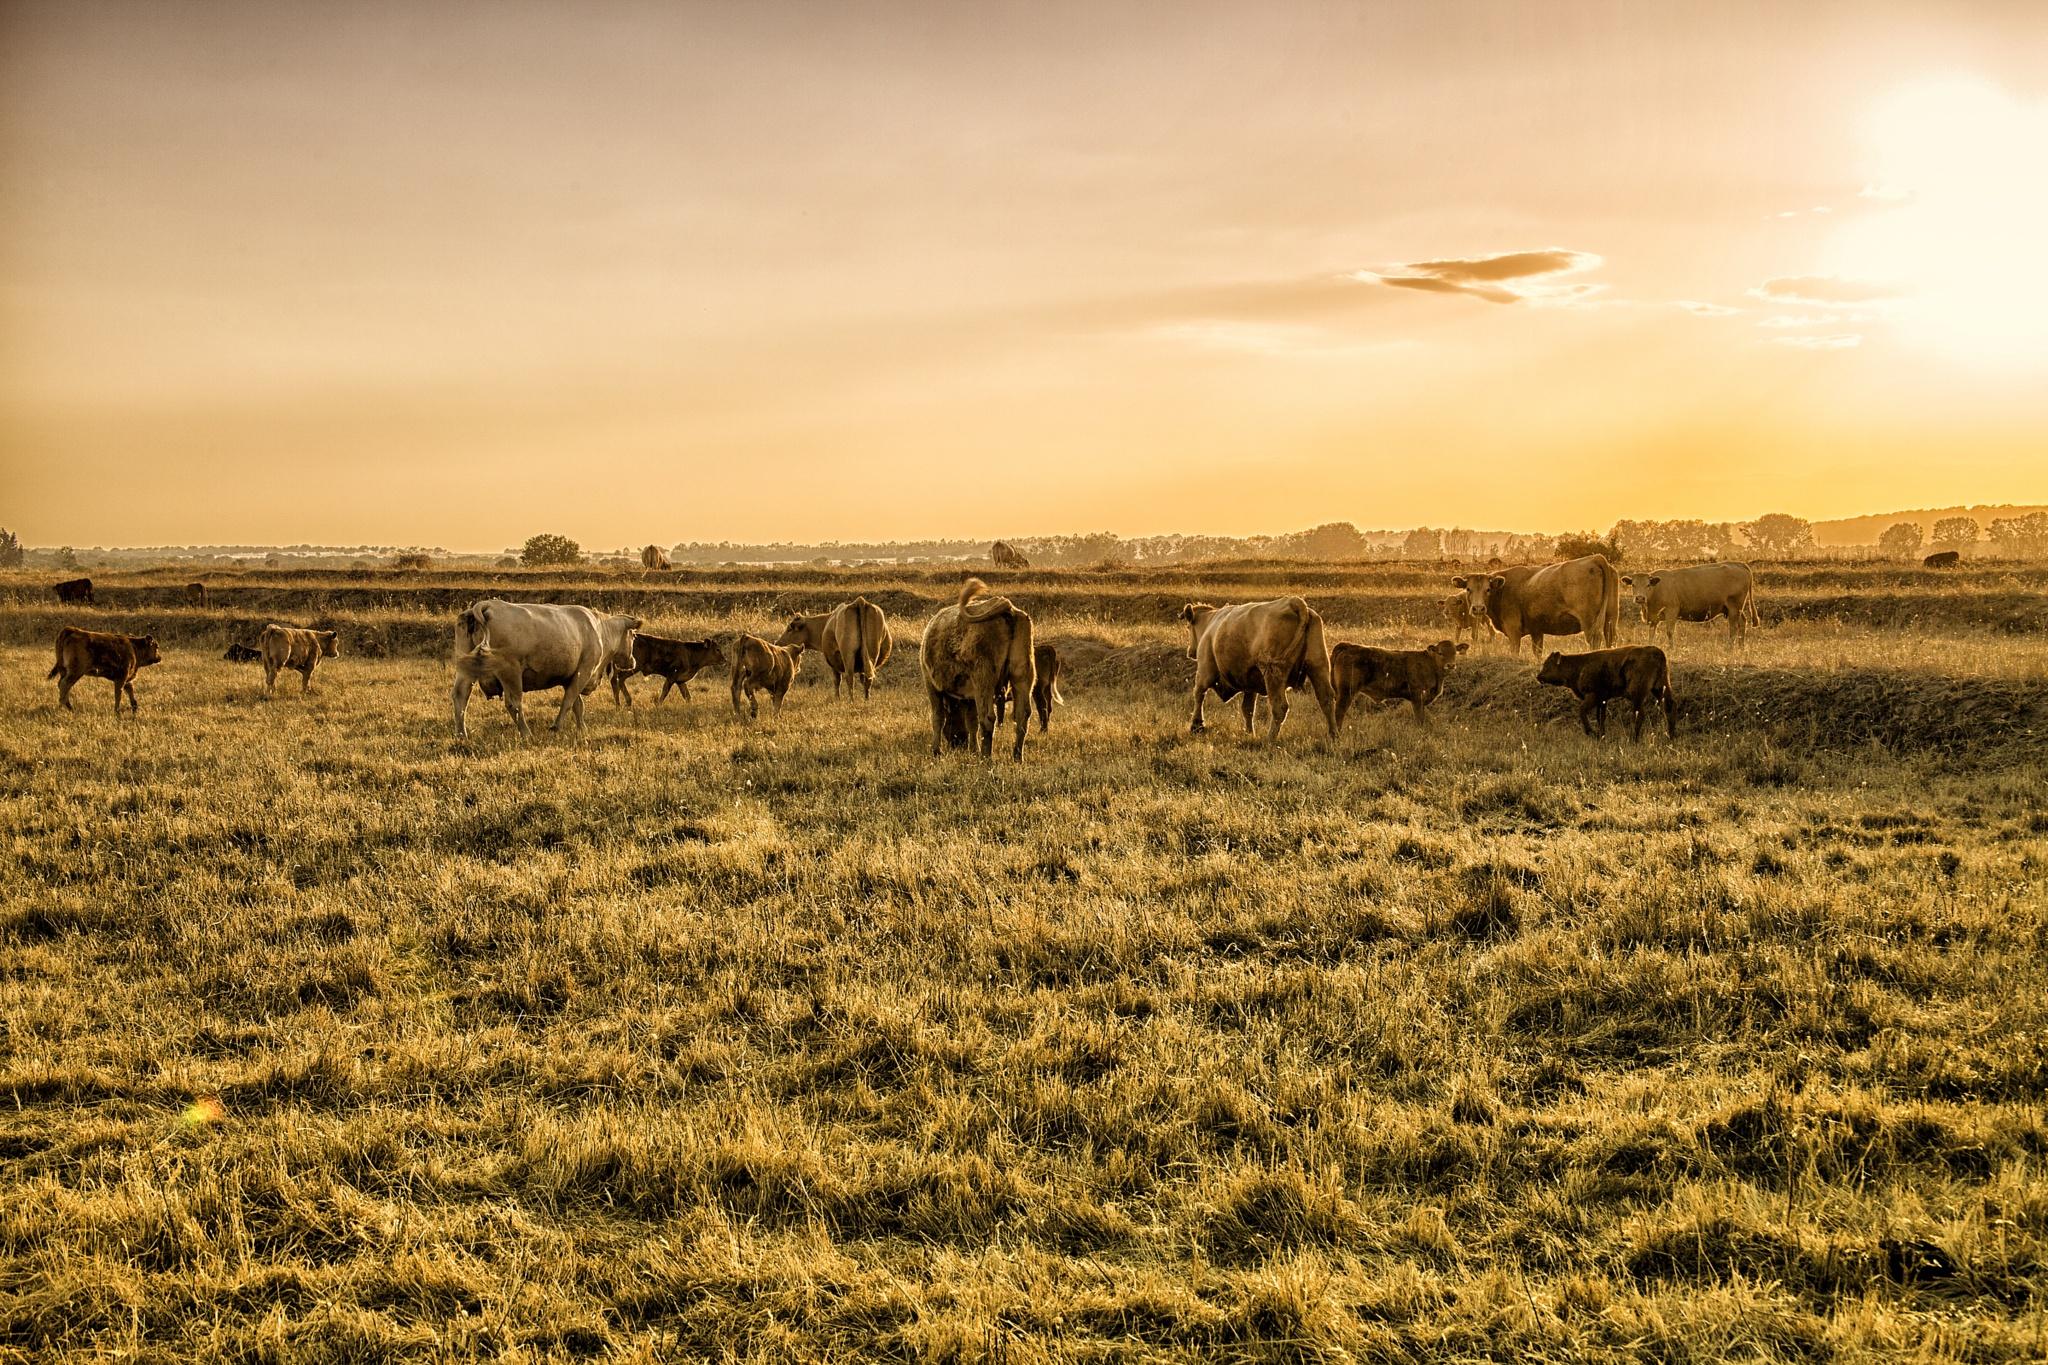 cattle at dusk by melanie bund martins